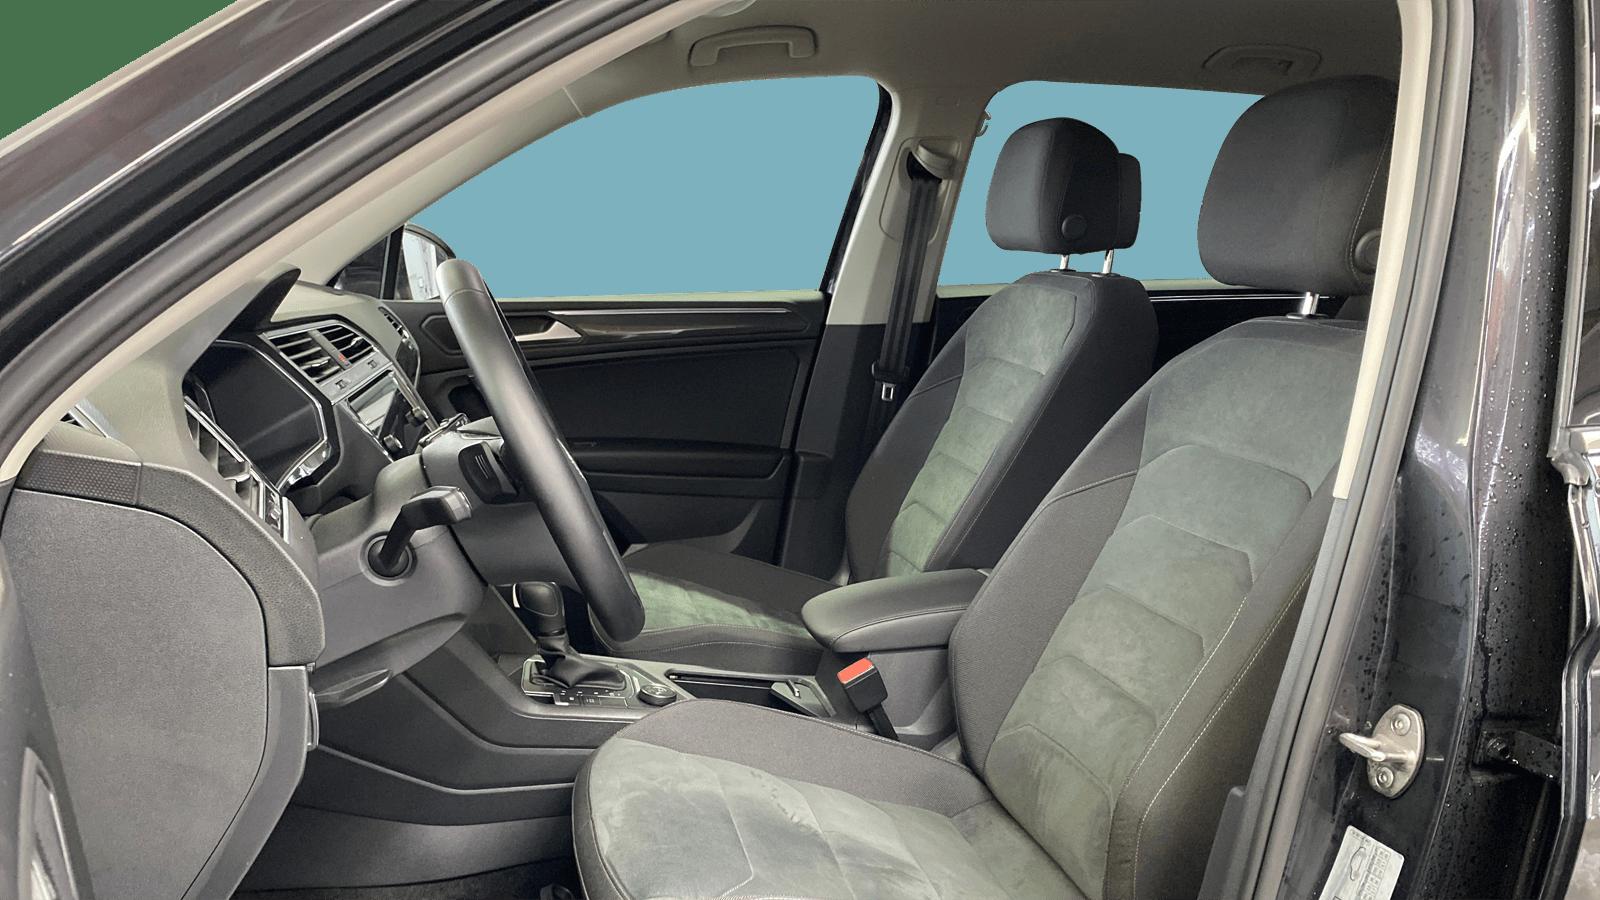 VW Tiguan Allspace Black interior - Clyde car subscription